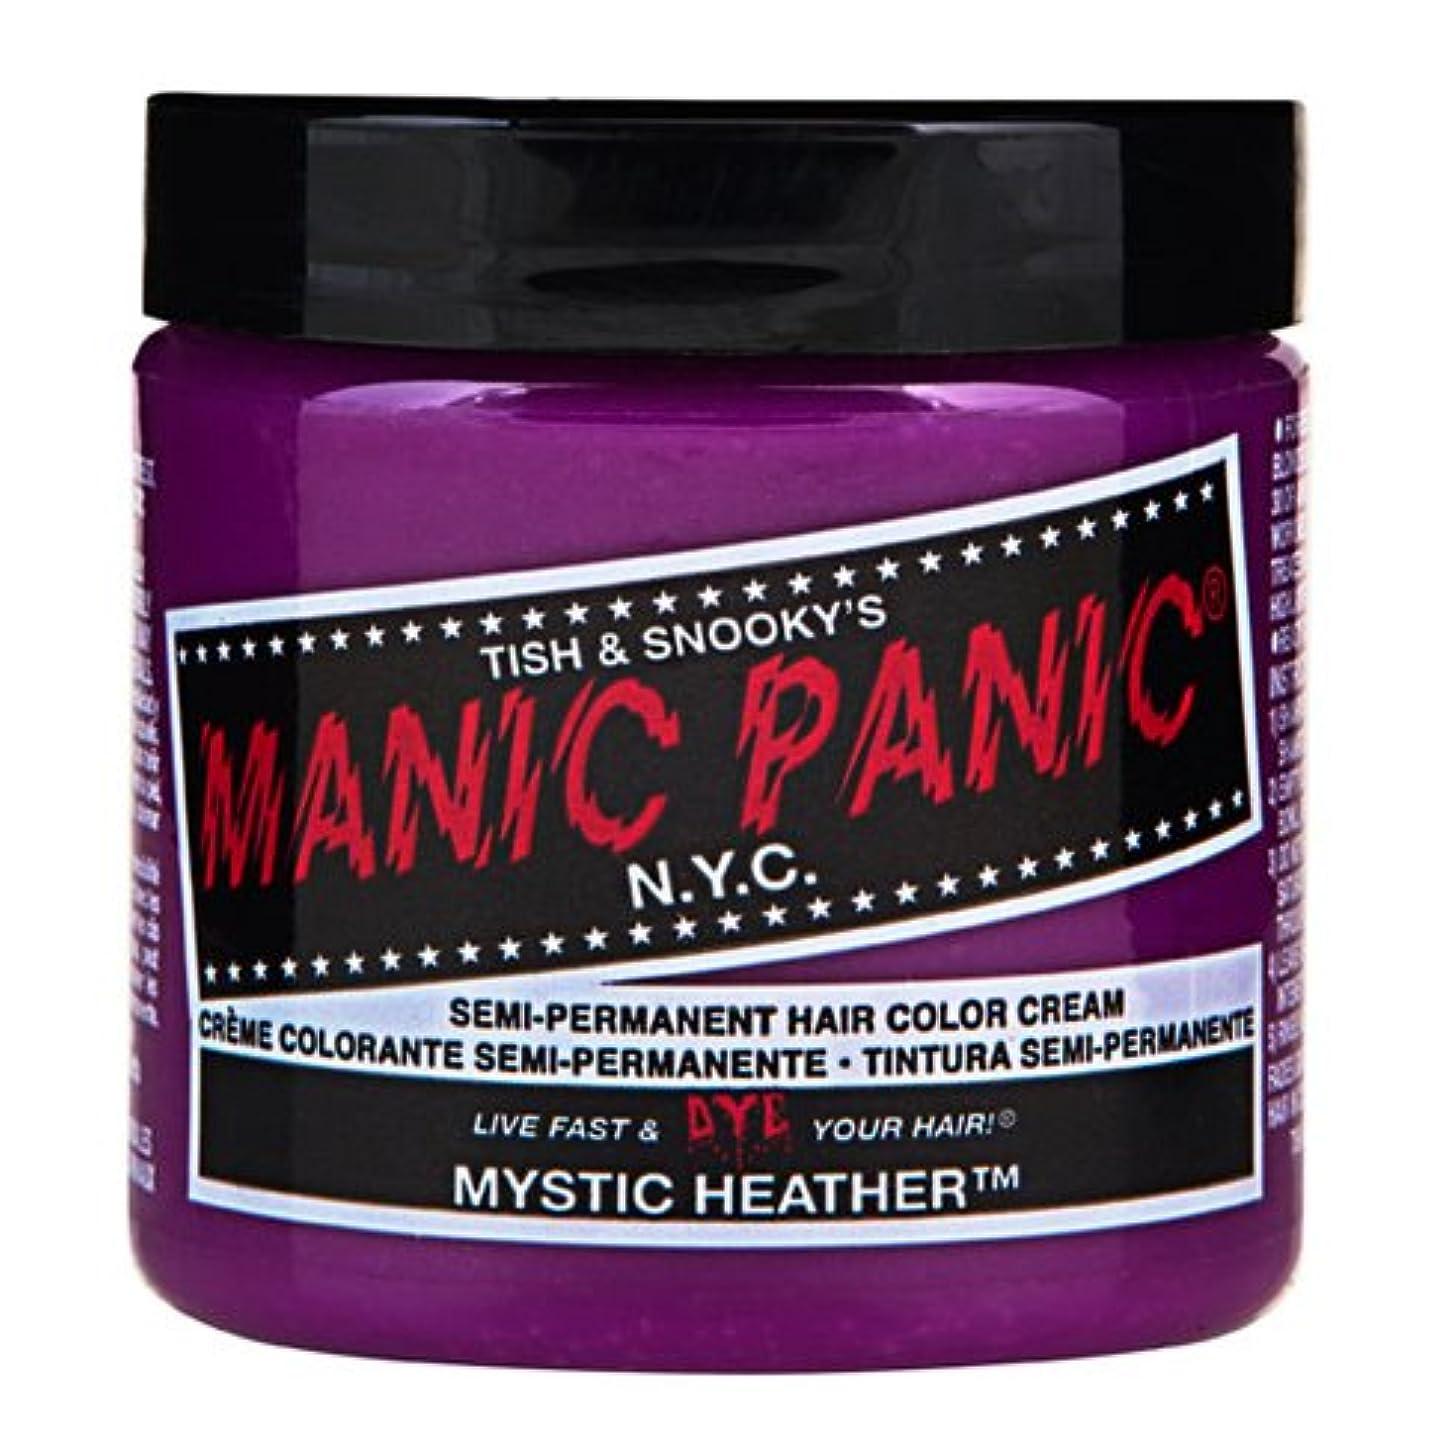 意識一回鑑定スペシャルセットMANIC PANICマニックパニック:Mystic Heather (ミスティック ヘザー)+ヘアカラーケア4点セット